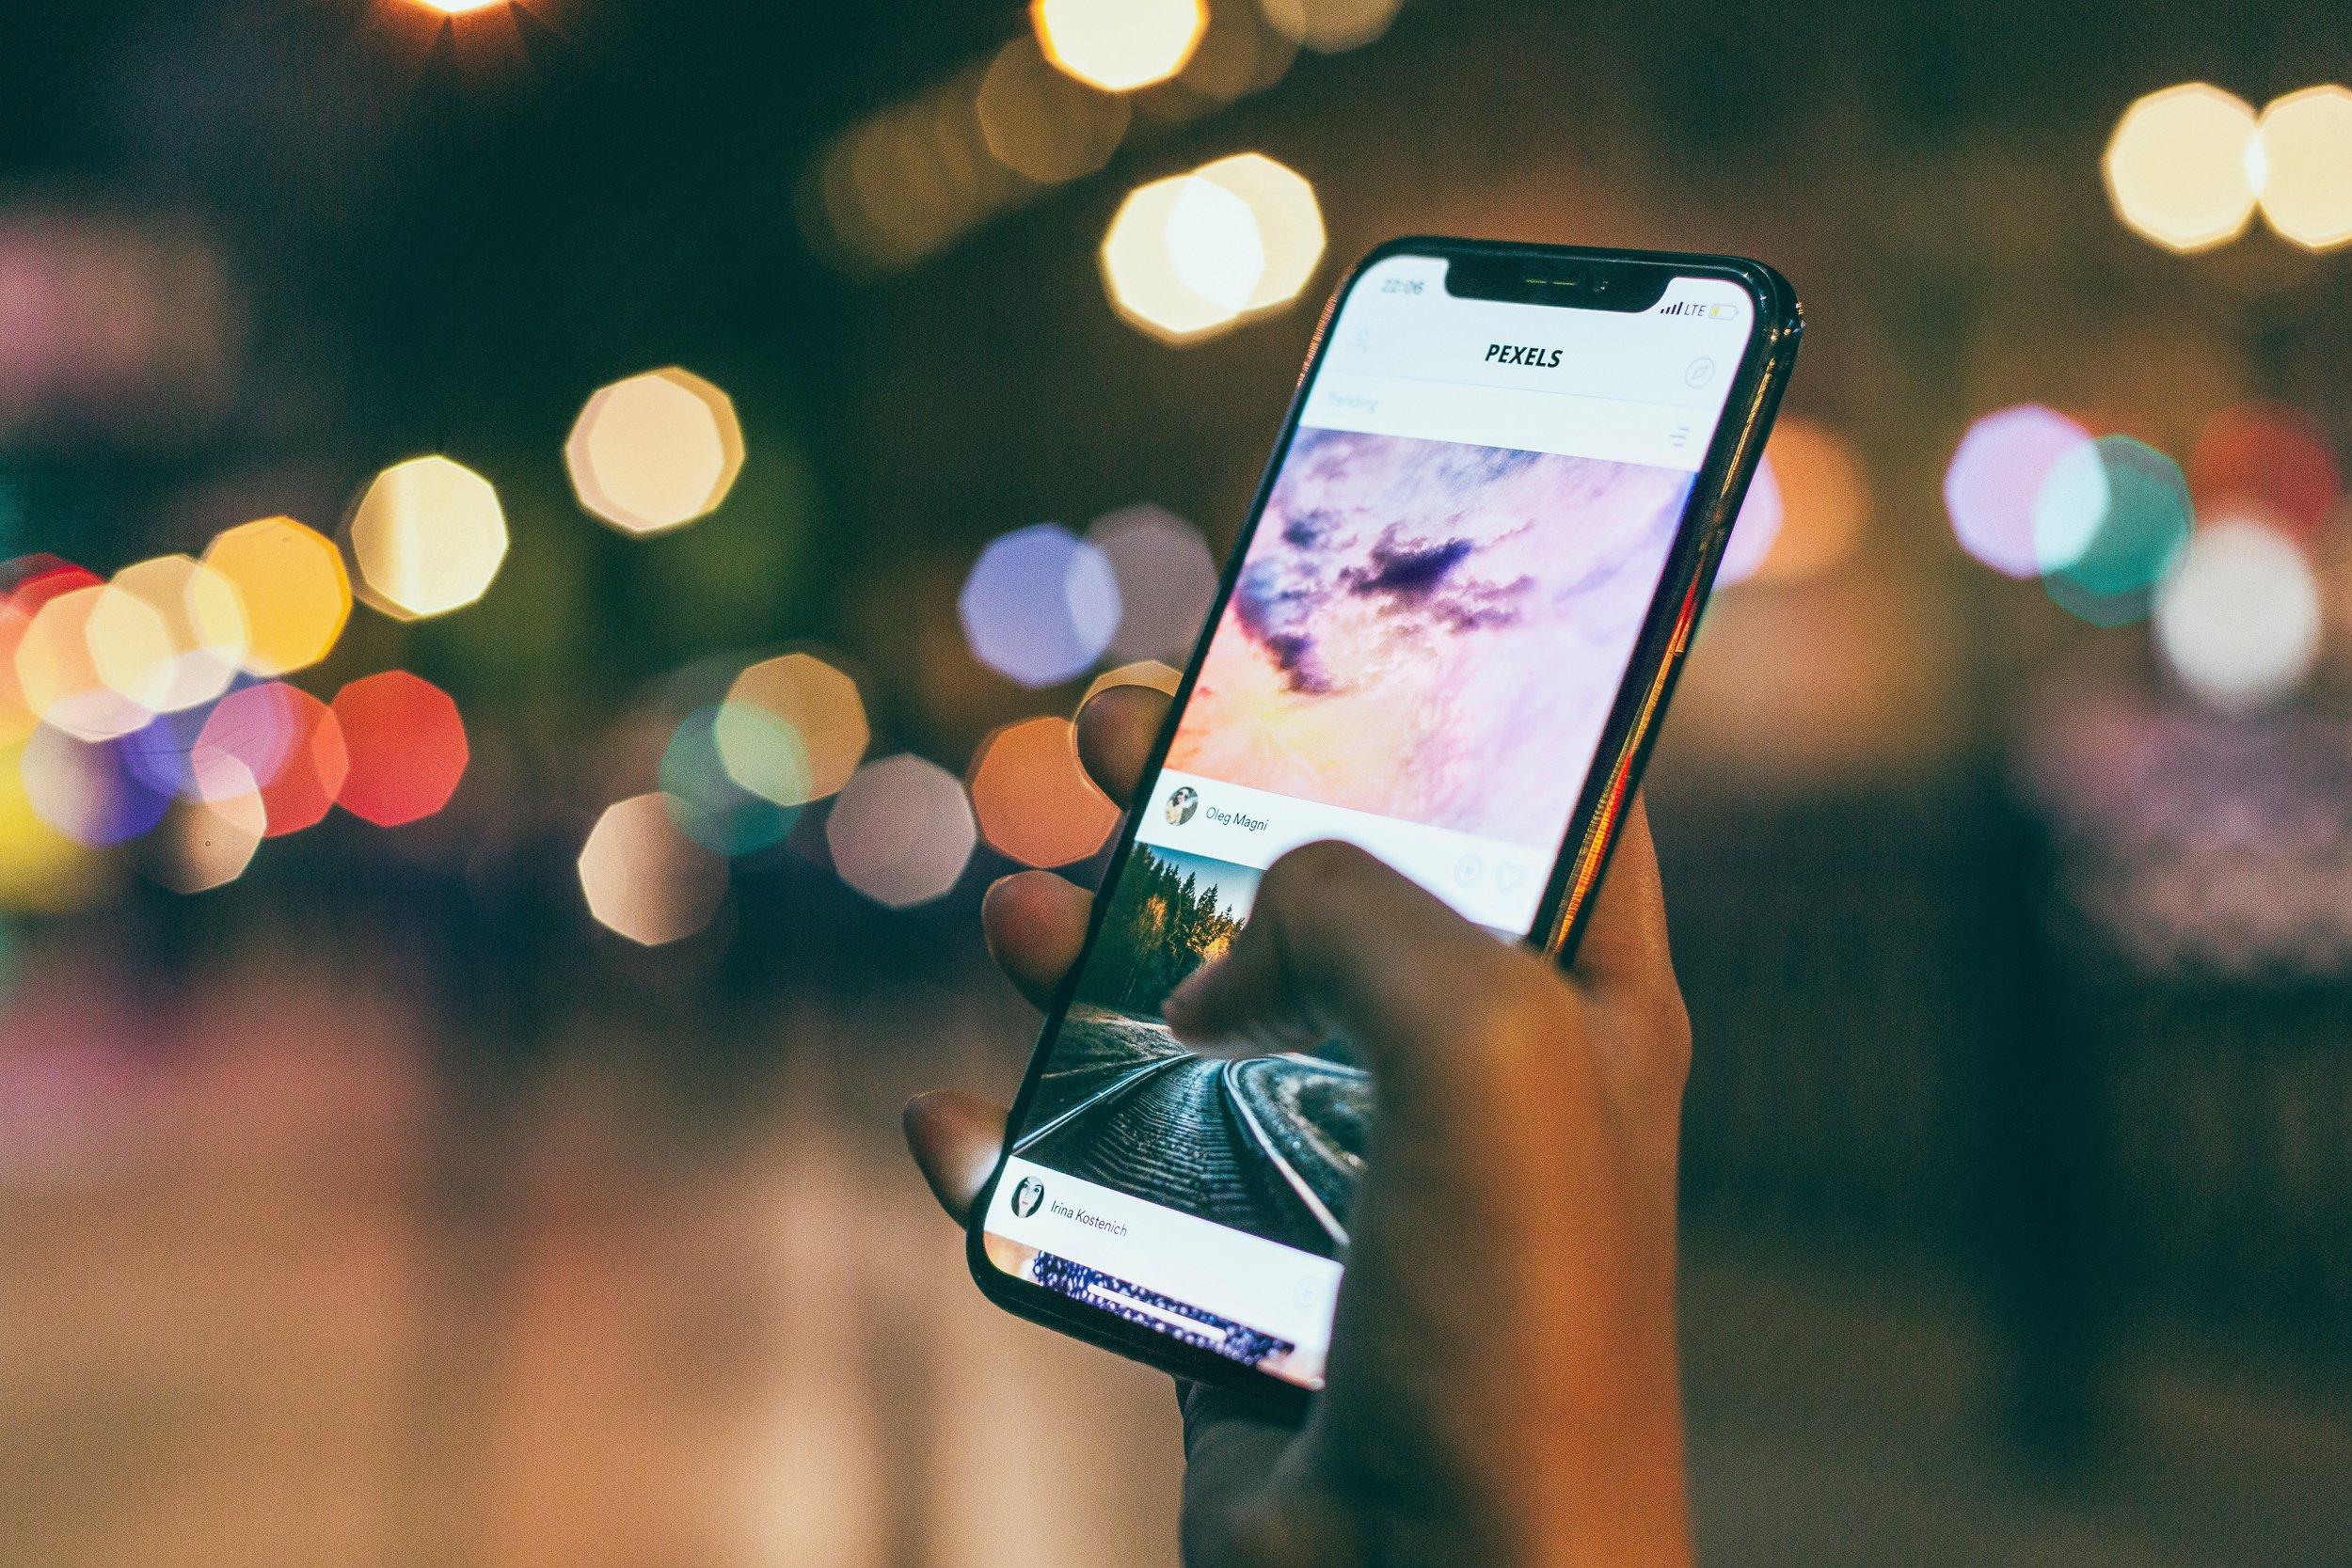 app-blur-bokeh-1440727.jpg